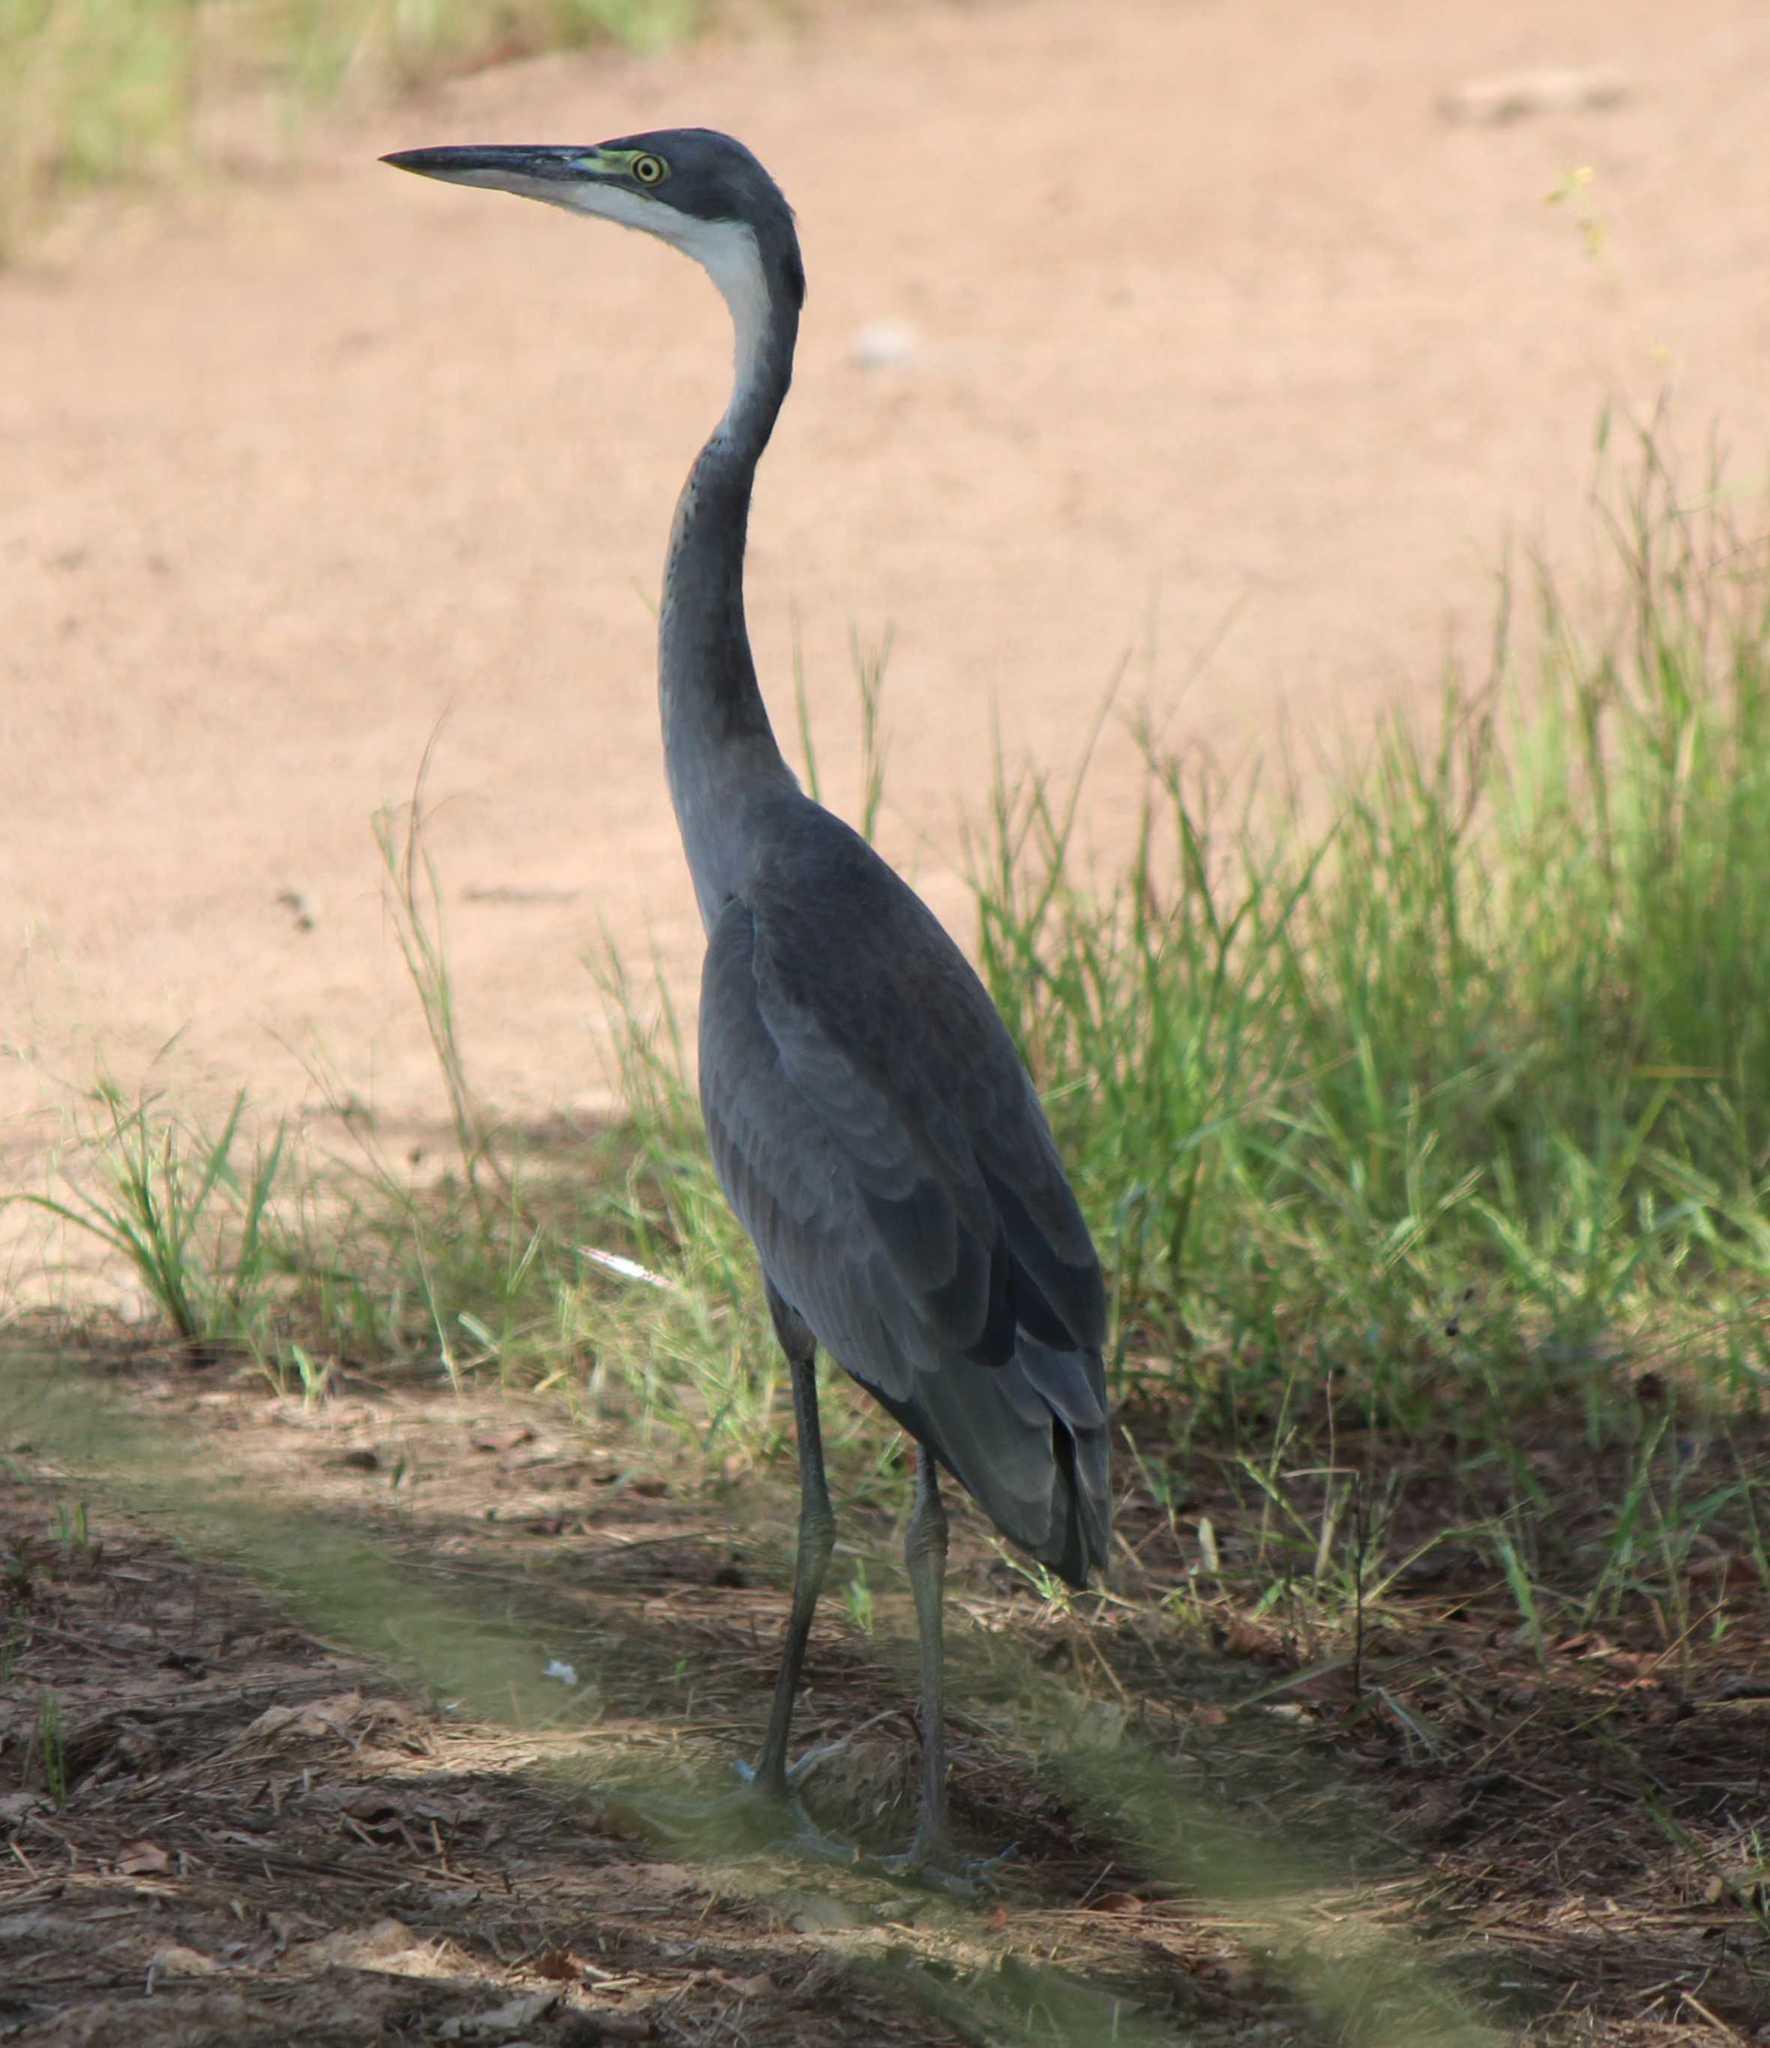 Image of Black-headed Heron